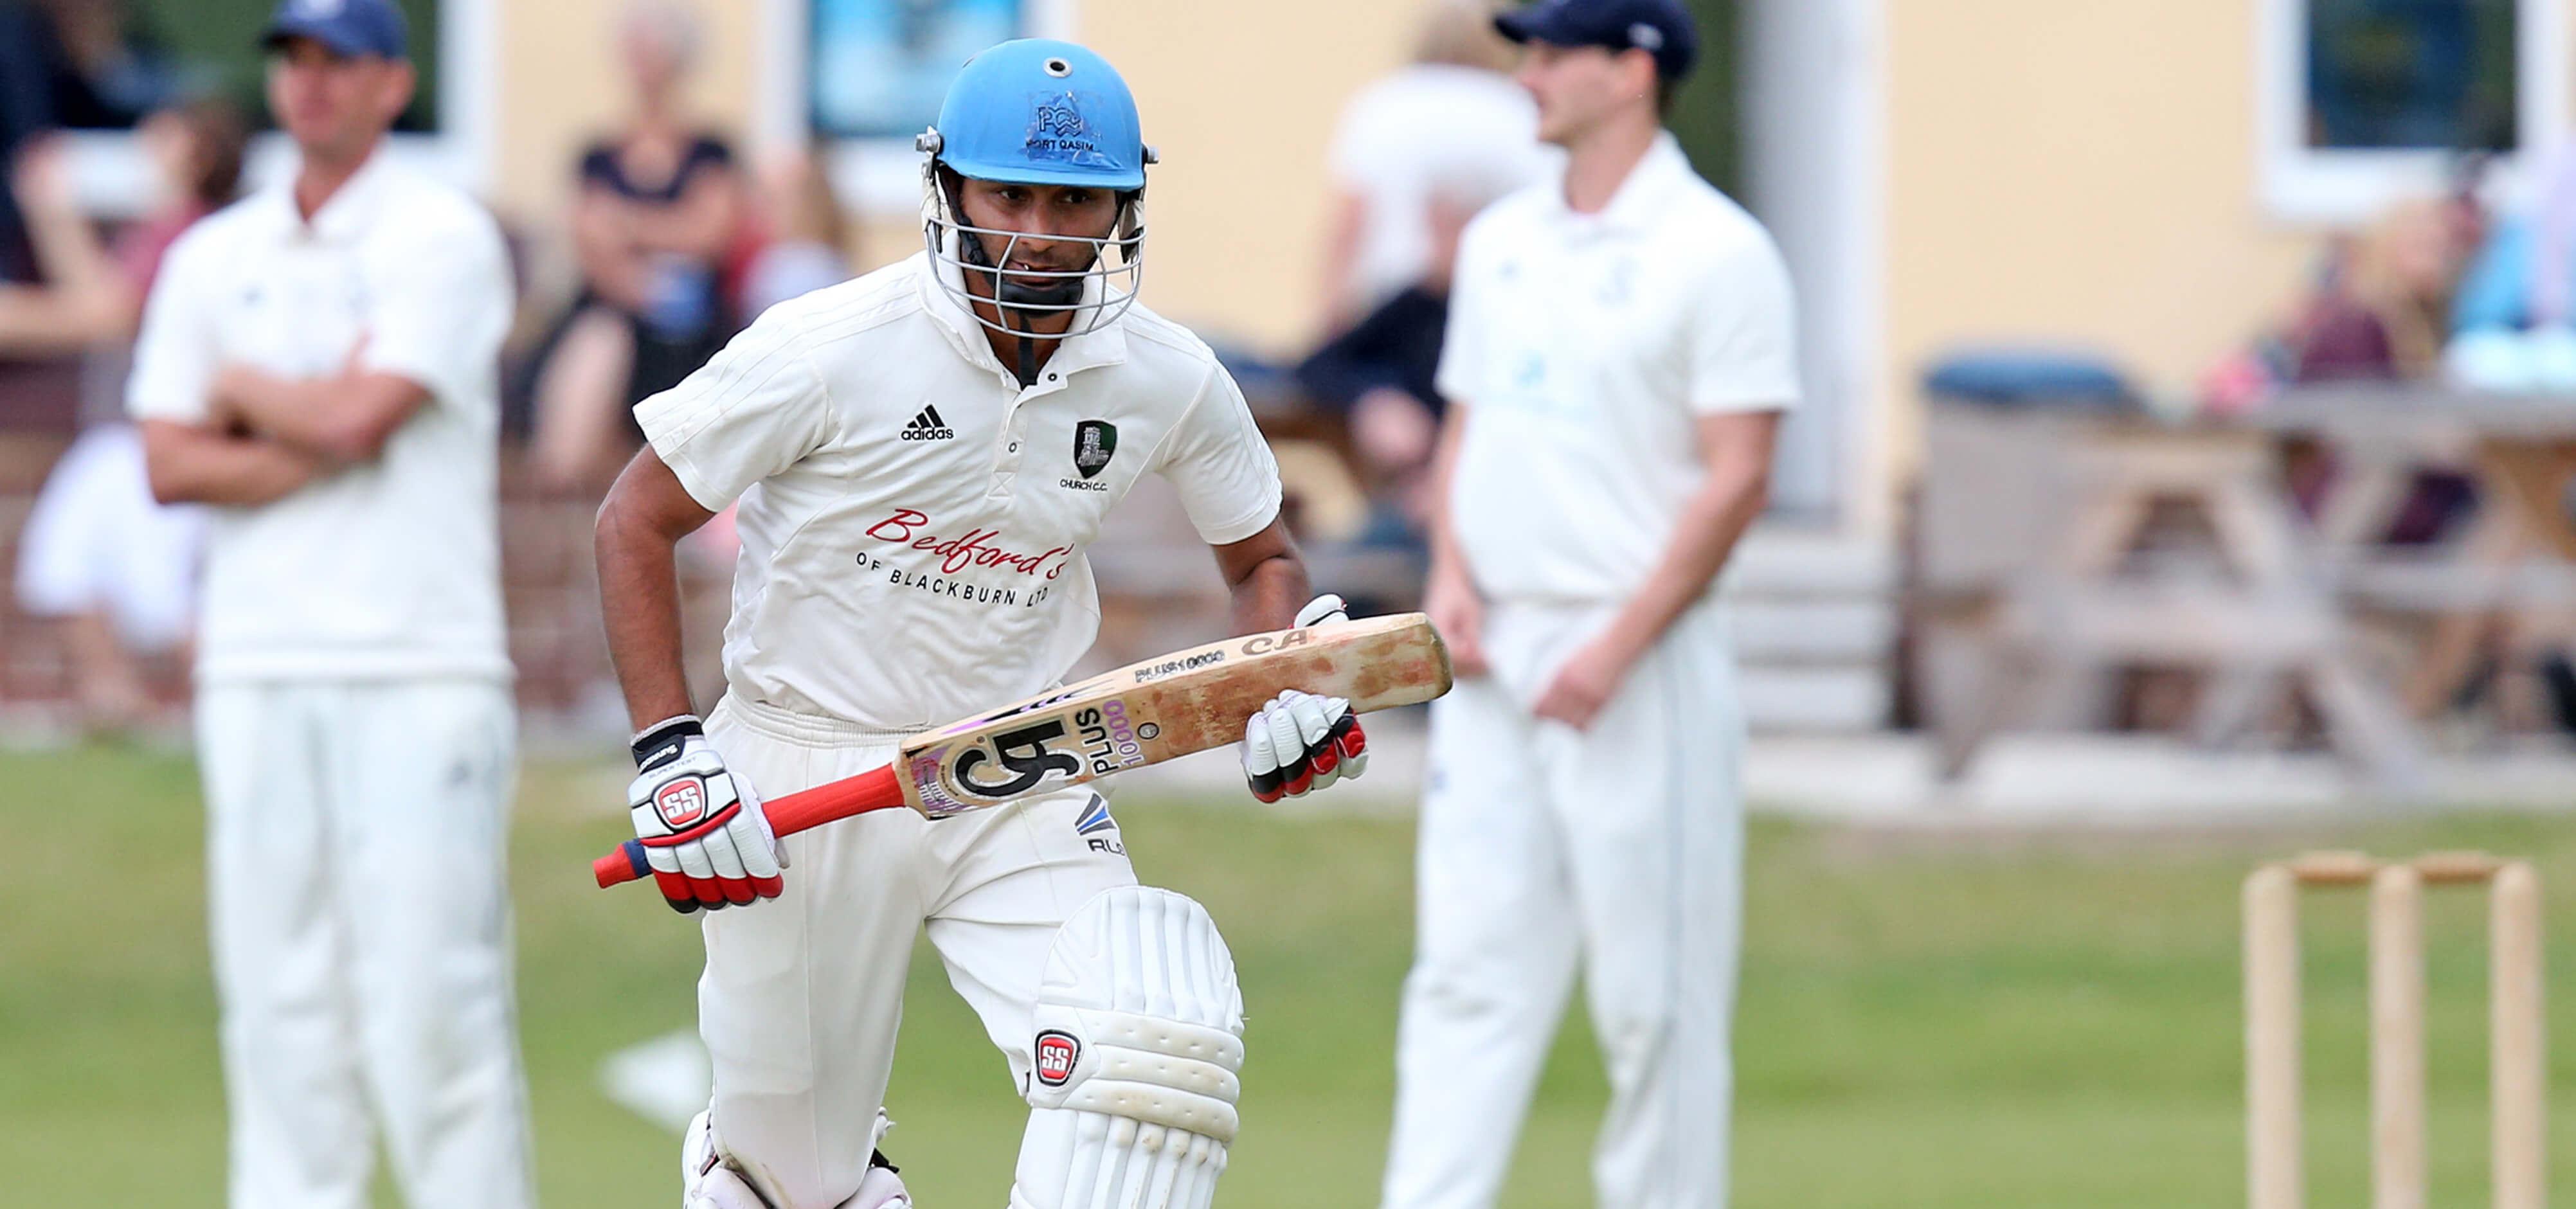 Cricket batsman runs